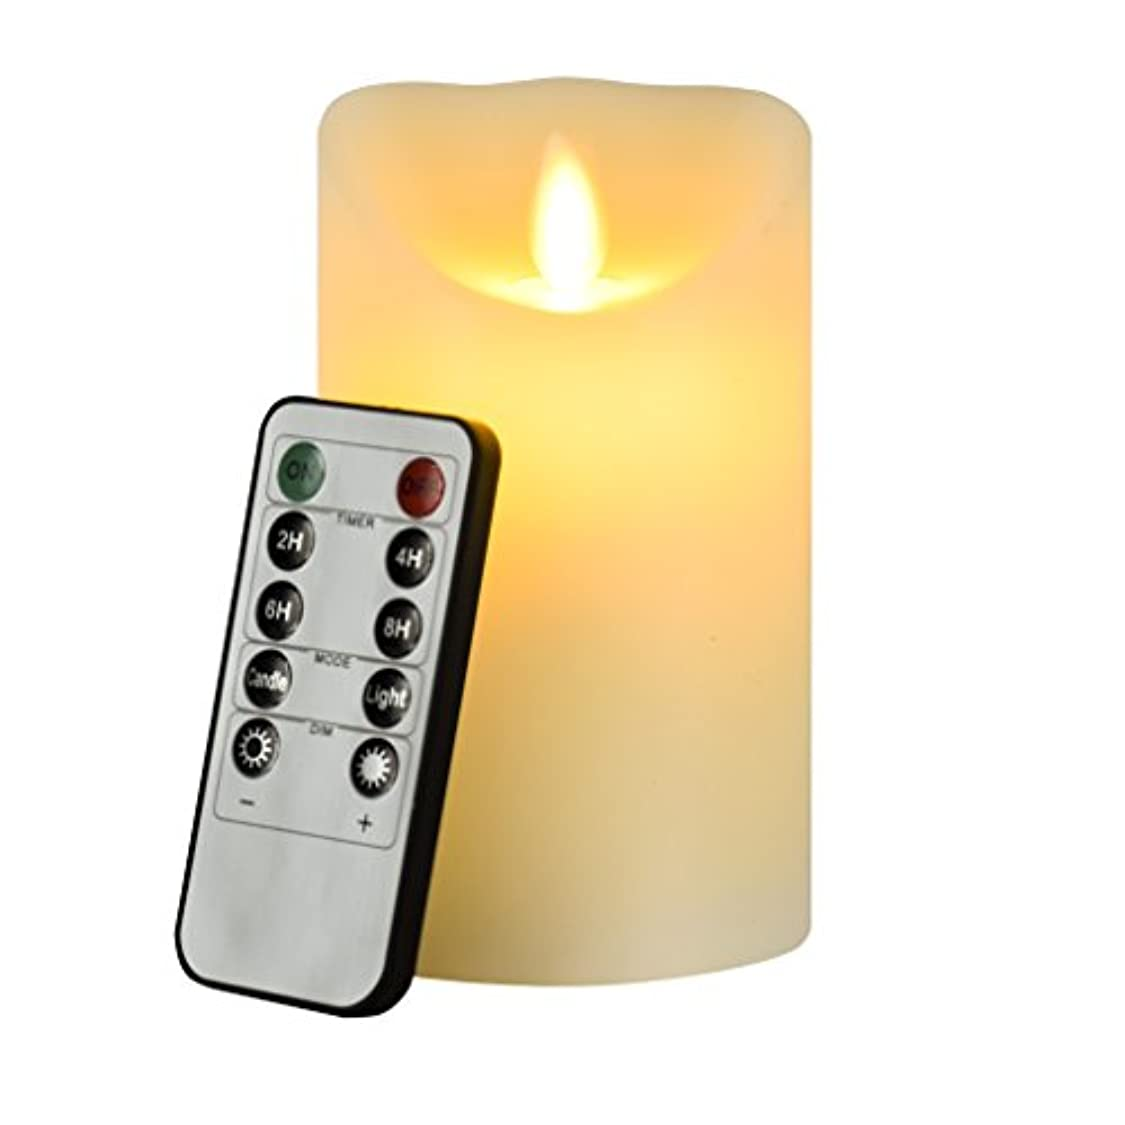 クリップブリードキャラクターFlameless Candle、Eyourlife LEDキャンドル4インチフレイムレスキャンドルアイボリークリスマスCandle ElectricちらつきFlameless Candleでリモート制御タイマー電池式ピラーキャンドル